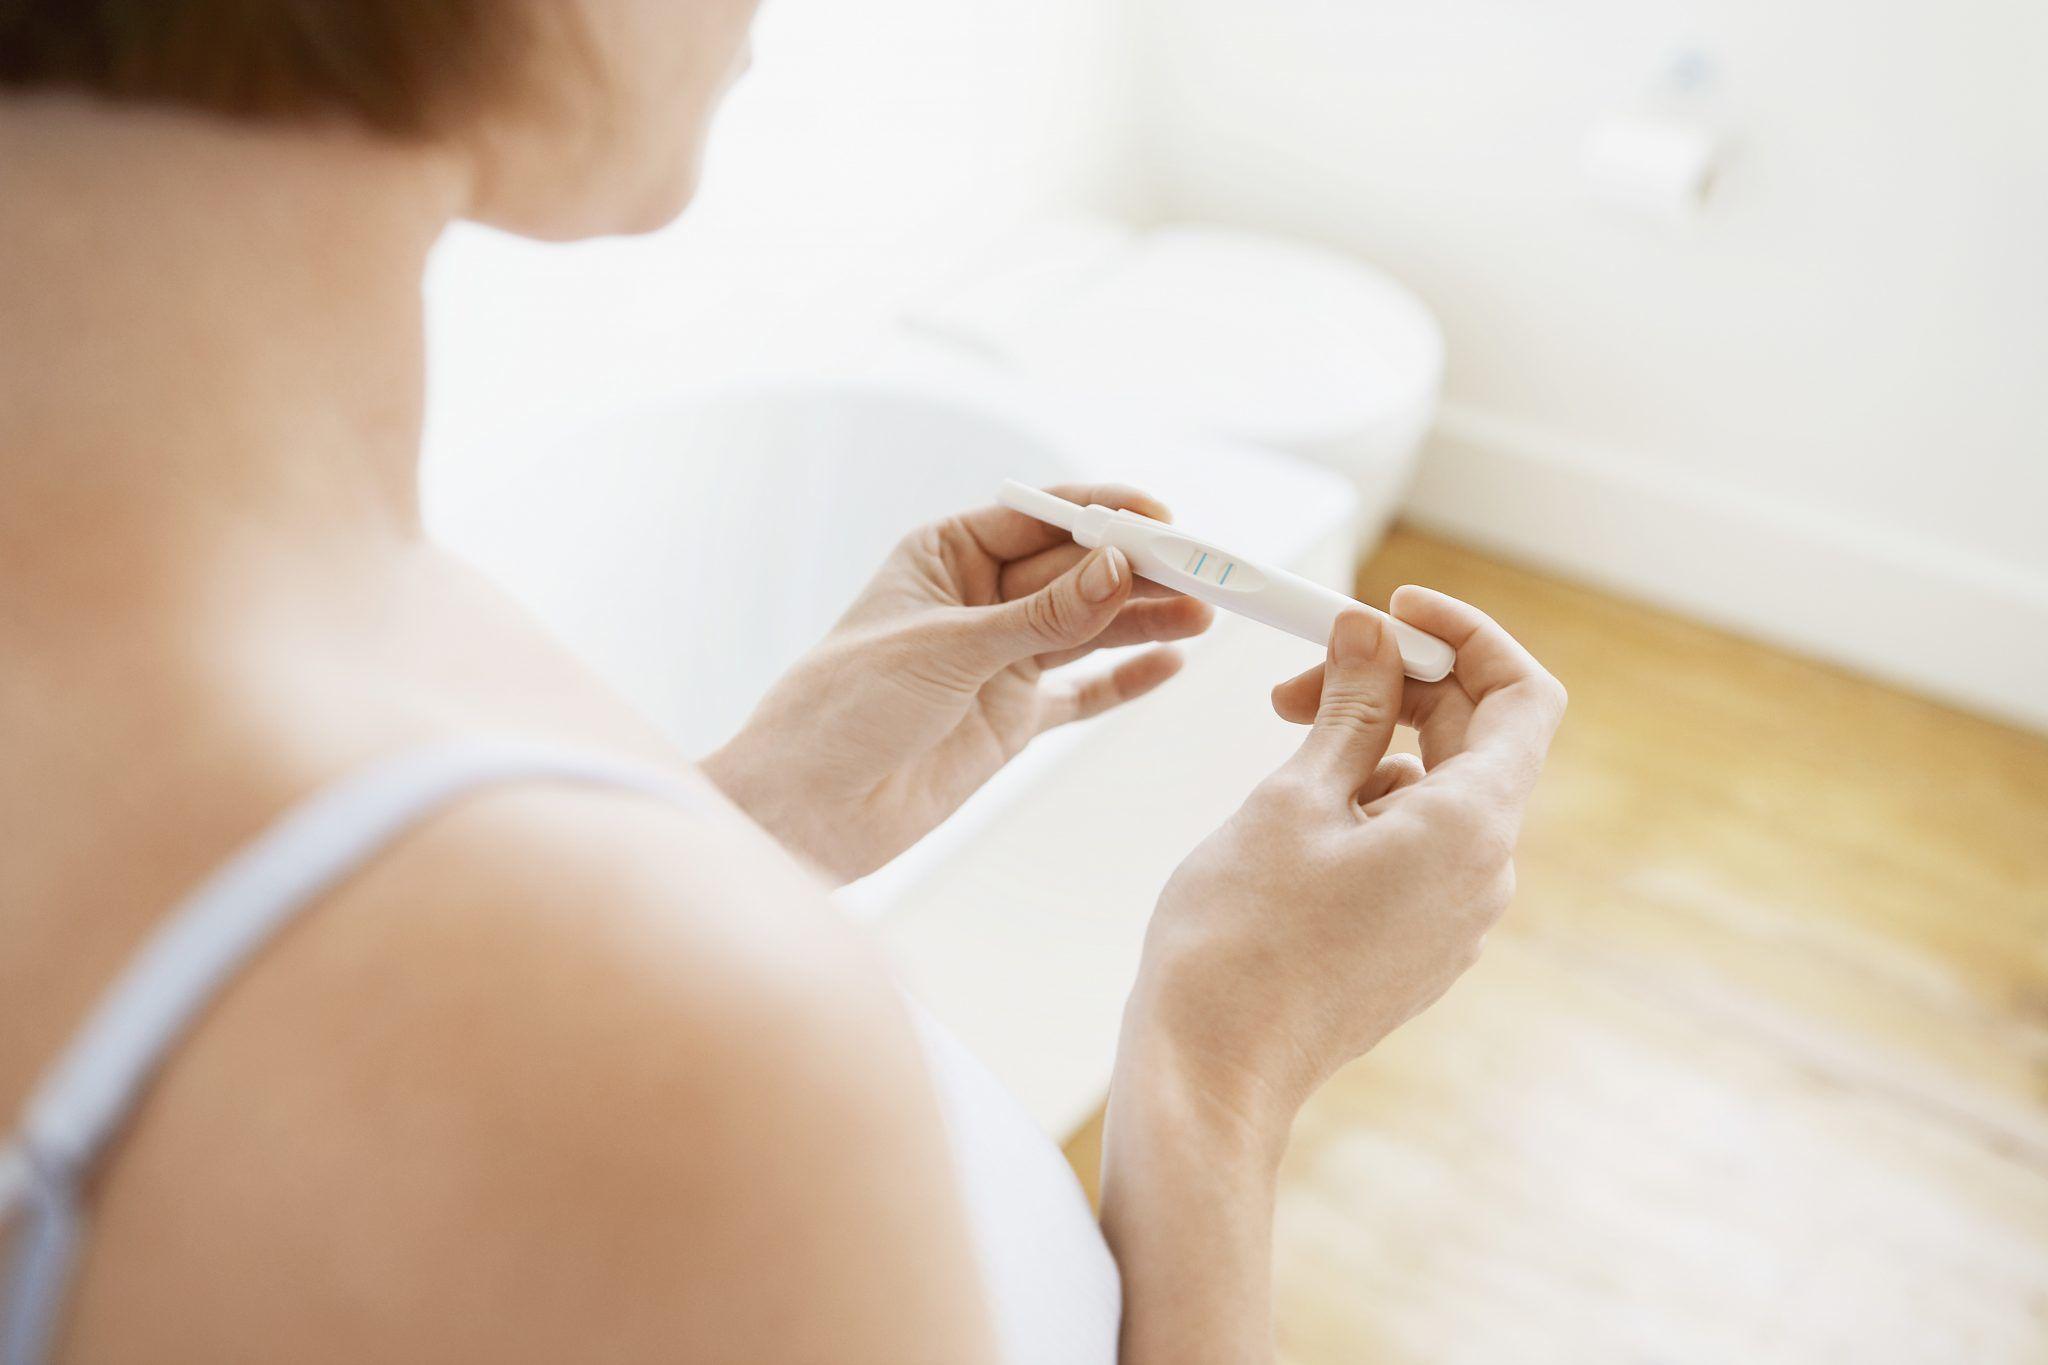 Schwangerschaftstest - ab wann sicher testen